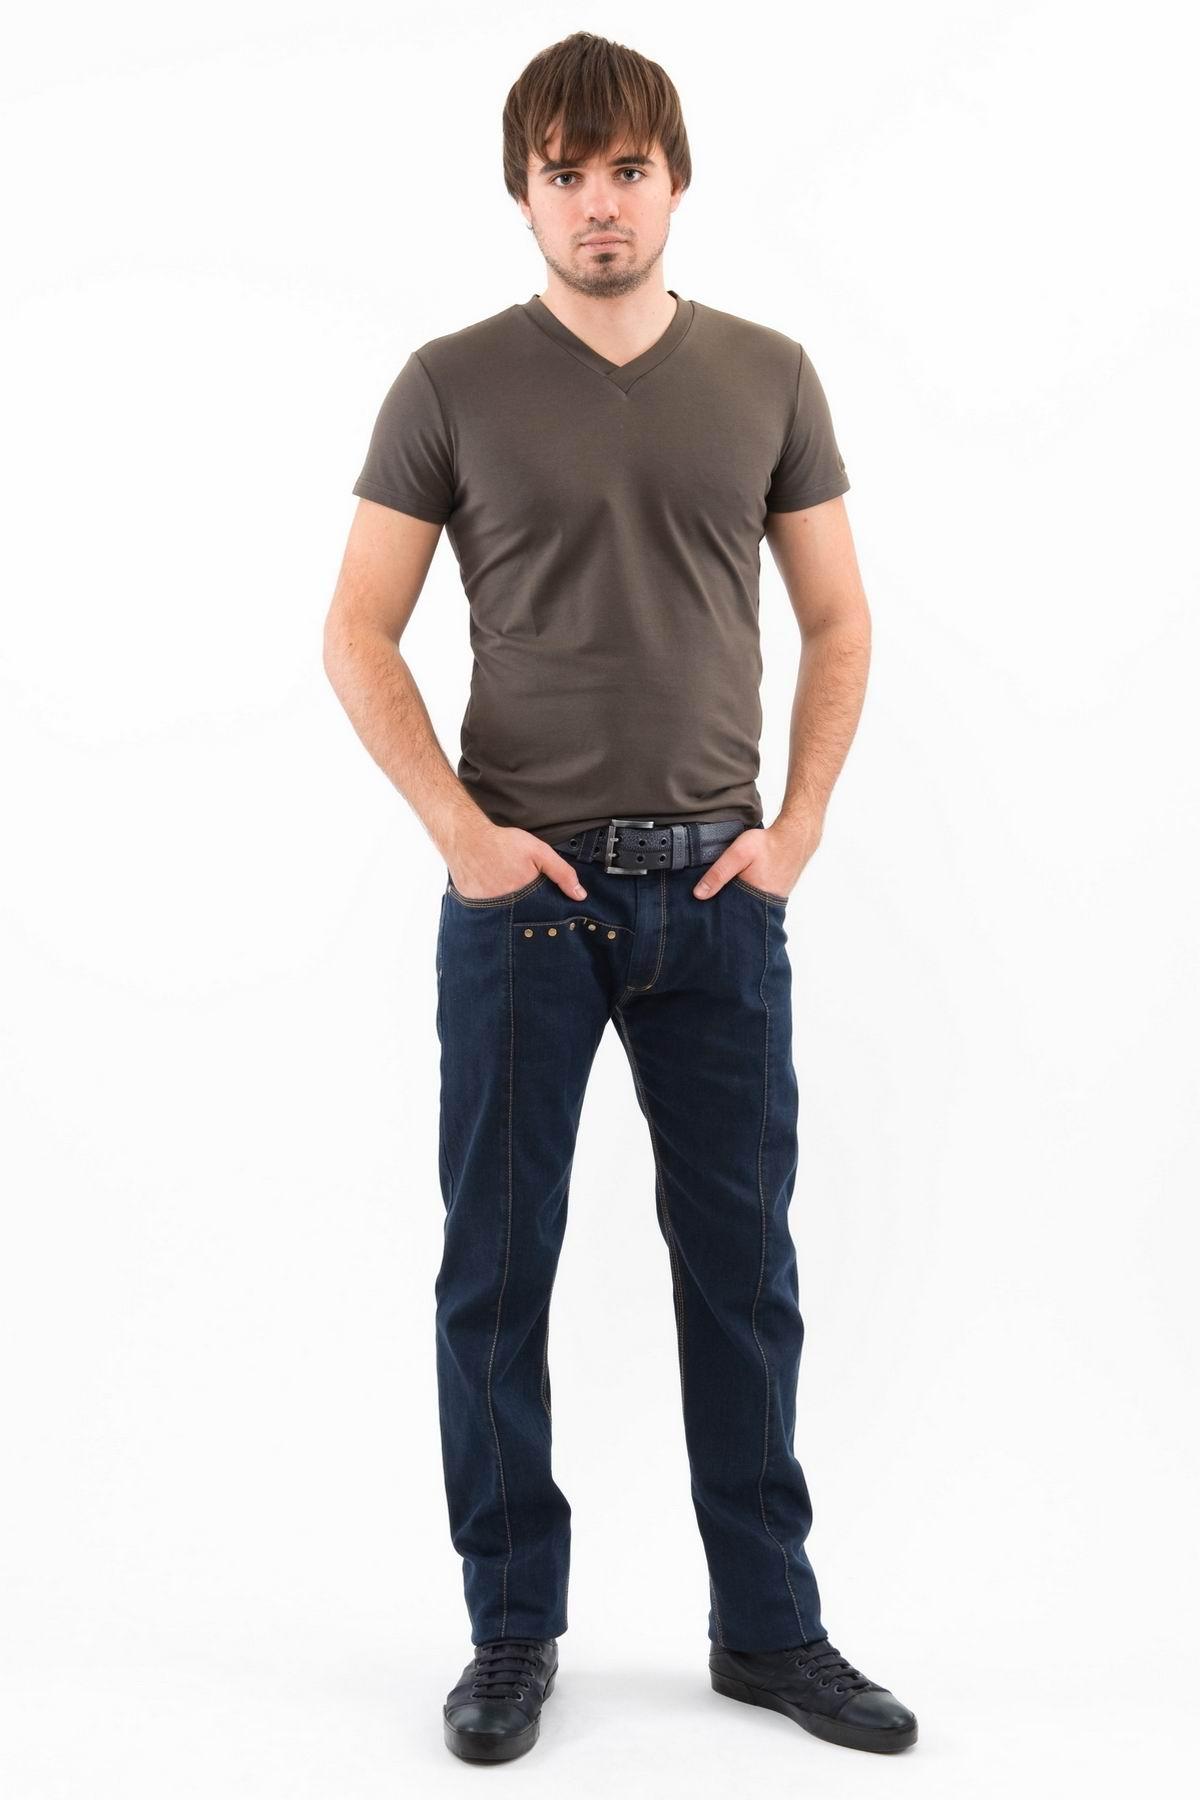 ФутболкаМужские футболки, джемпера<br>Футболка – это удобный выбор на каждый день, поэтому она должна быть яркой и стильной, чтобы привнести в повседневный образ красок. Округлый вырез горловины, короткие рукава - все это футболка Doctor E, из высококачественного трикотажа, не вытягивается по<br><br>Цвет: хаки<br>Состав: 92% хлопок 8% лайкра<br>Размер: 50,52,54,56<br>Страна дизайна: Россия<br>Страна производства: Россия